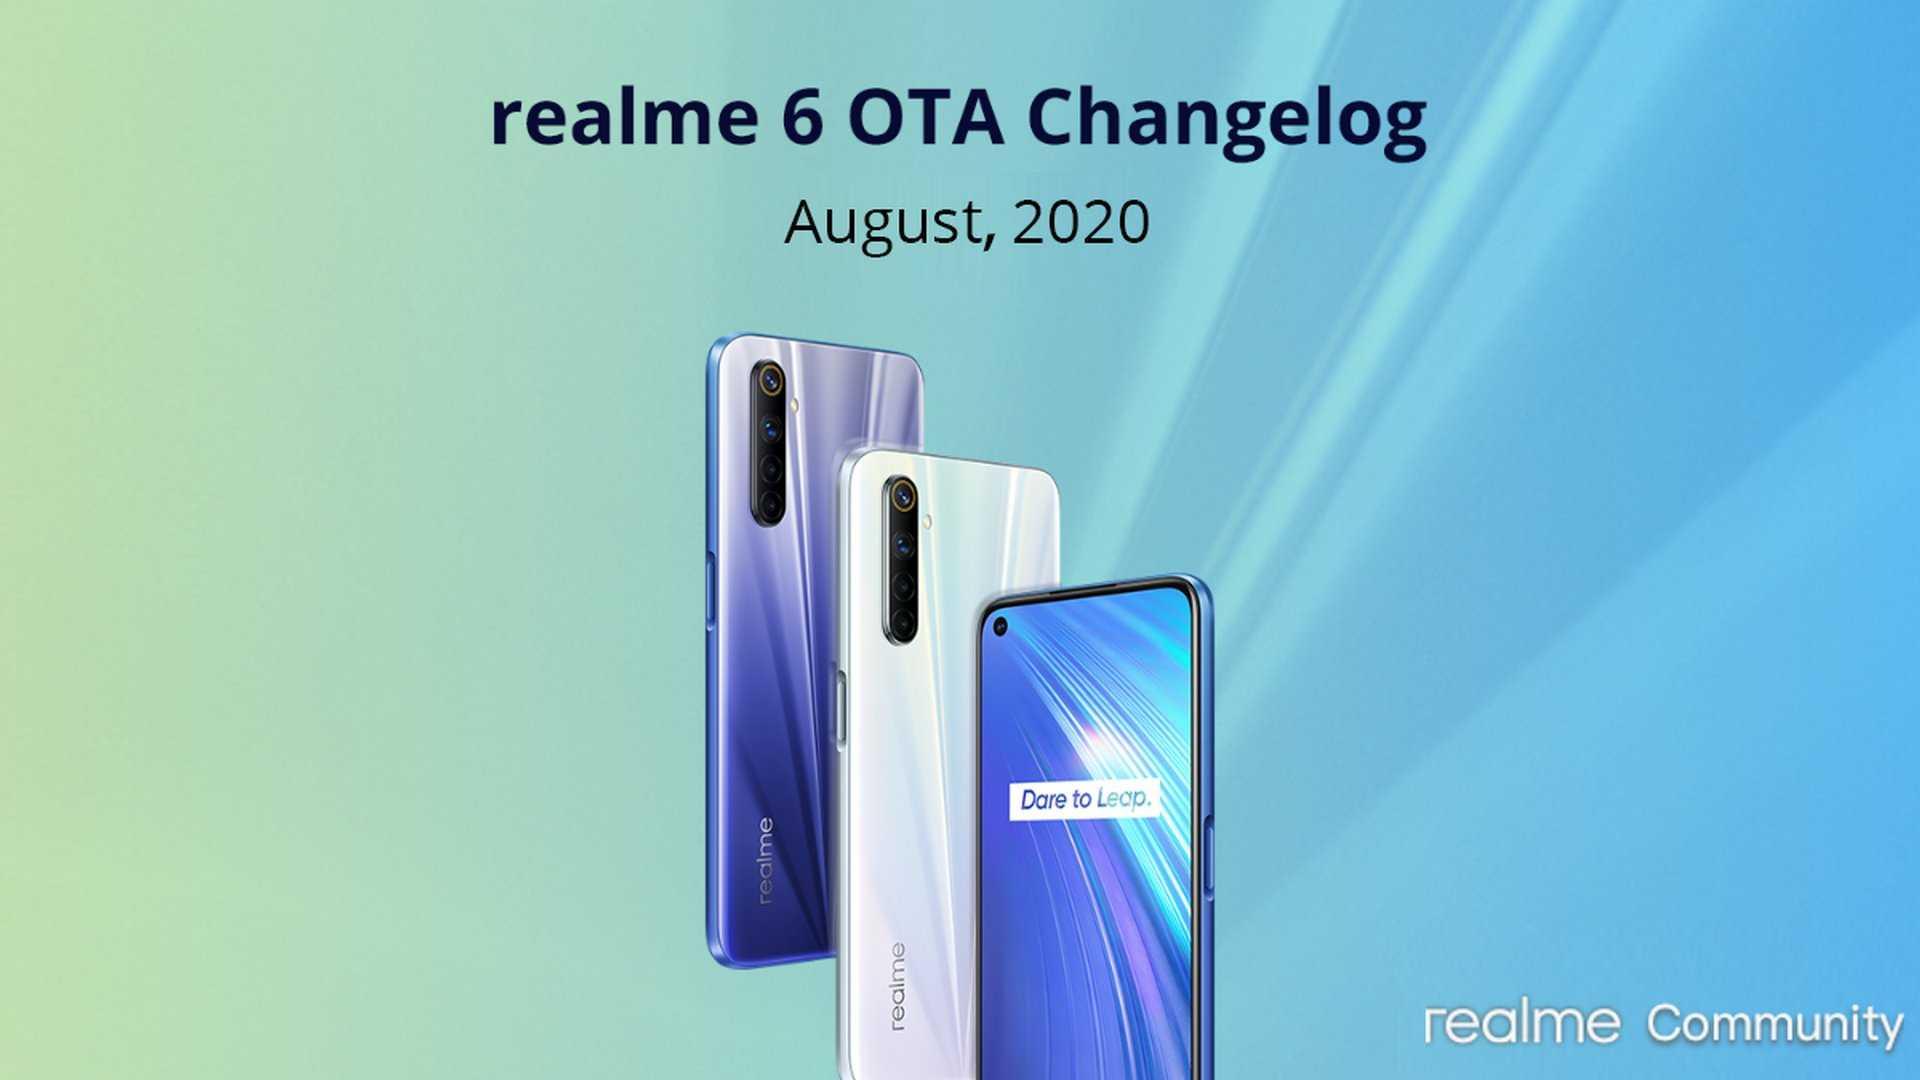 Опубликованы некоторые подробности о новом смартфоне realme c11 ► последние новости